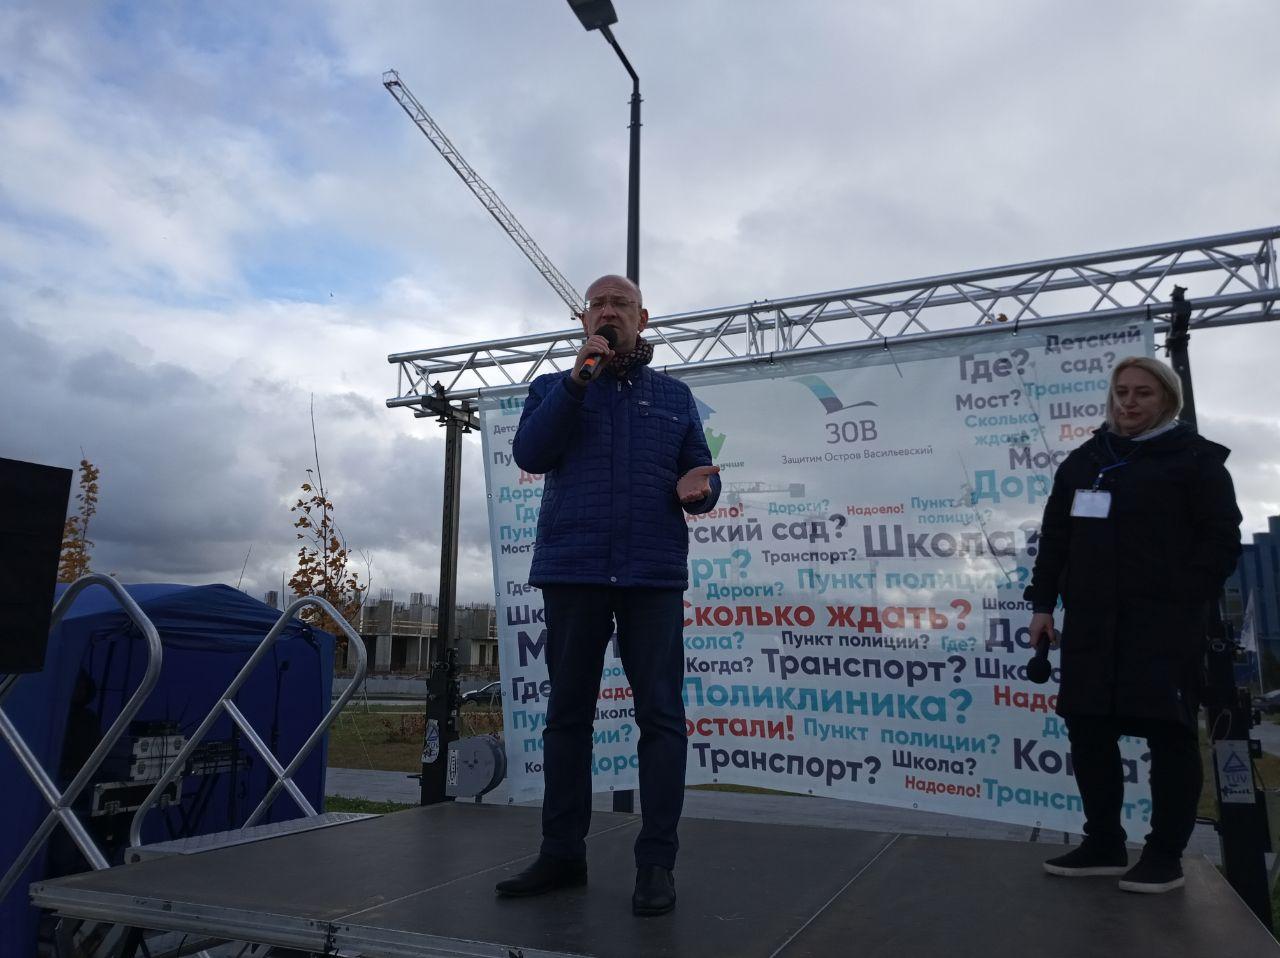 фото ЗакС политика На митинге василеостровцы обсудили проблемы намывных территорий